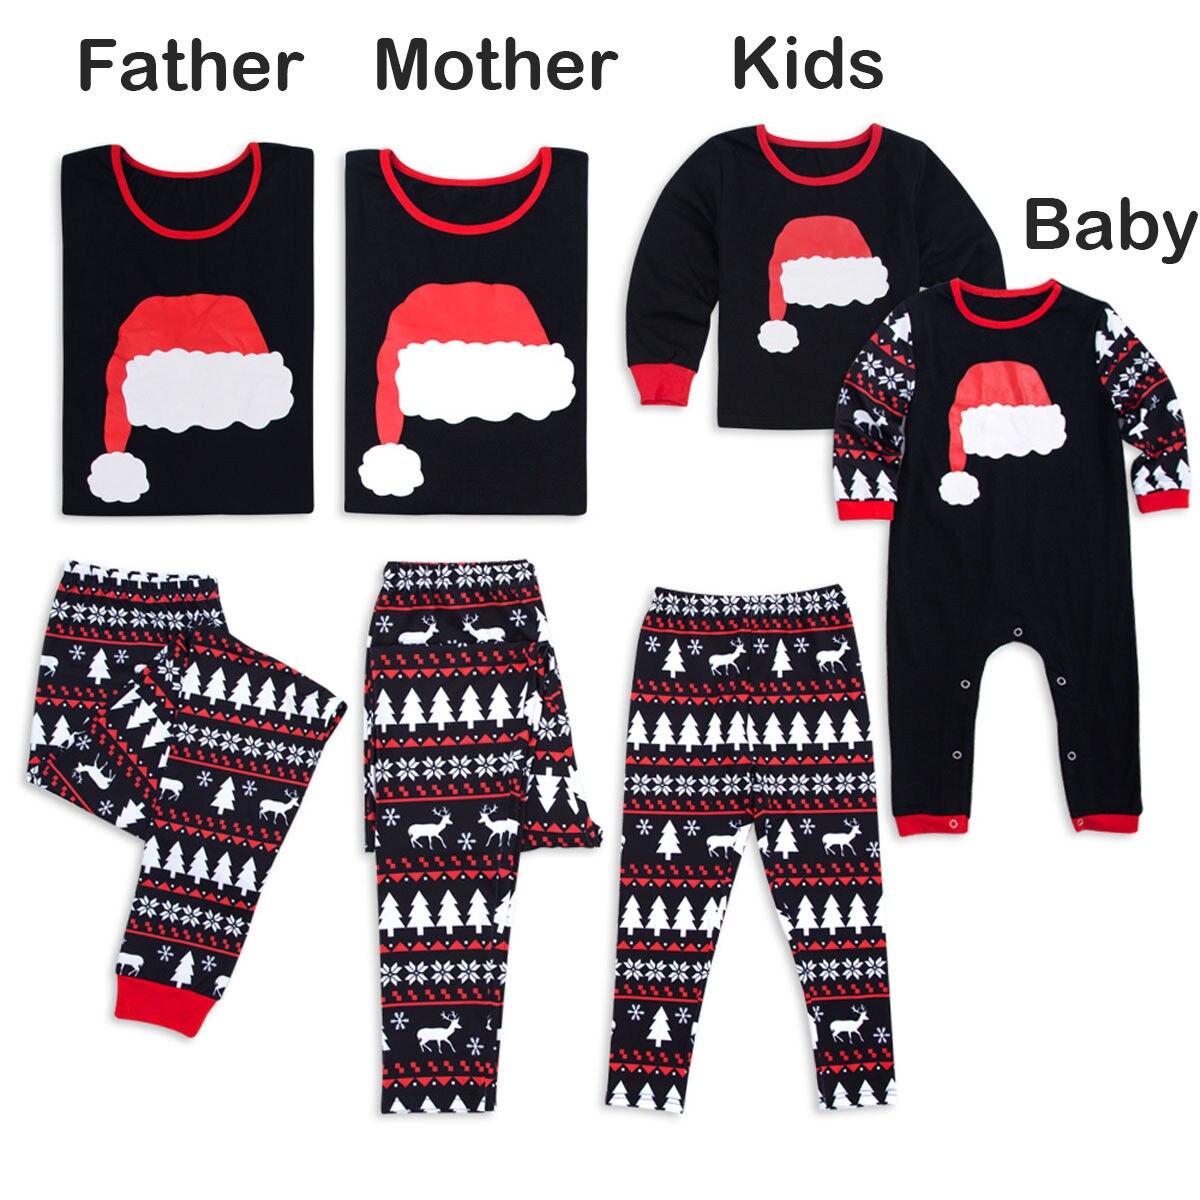 Family Matching Kids Mom Dad Christmas Pajamas PJs Sets Xmas Sleepwear Nightwear